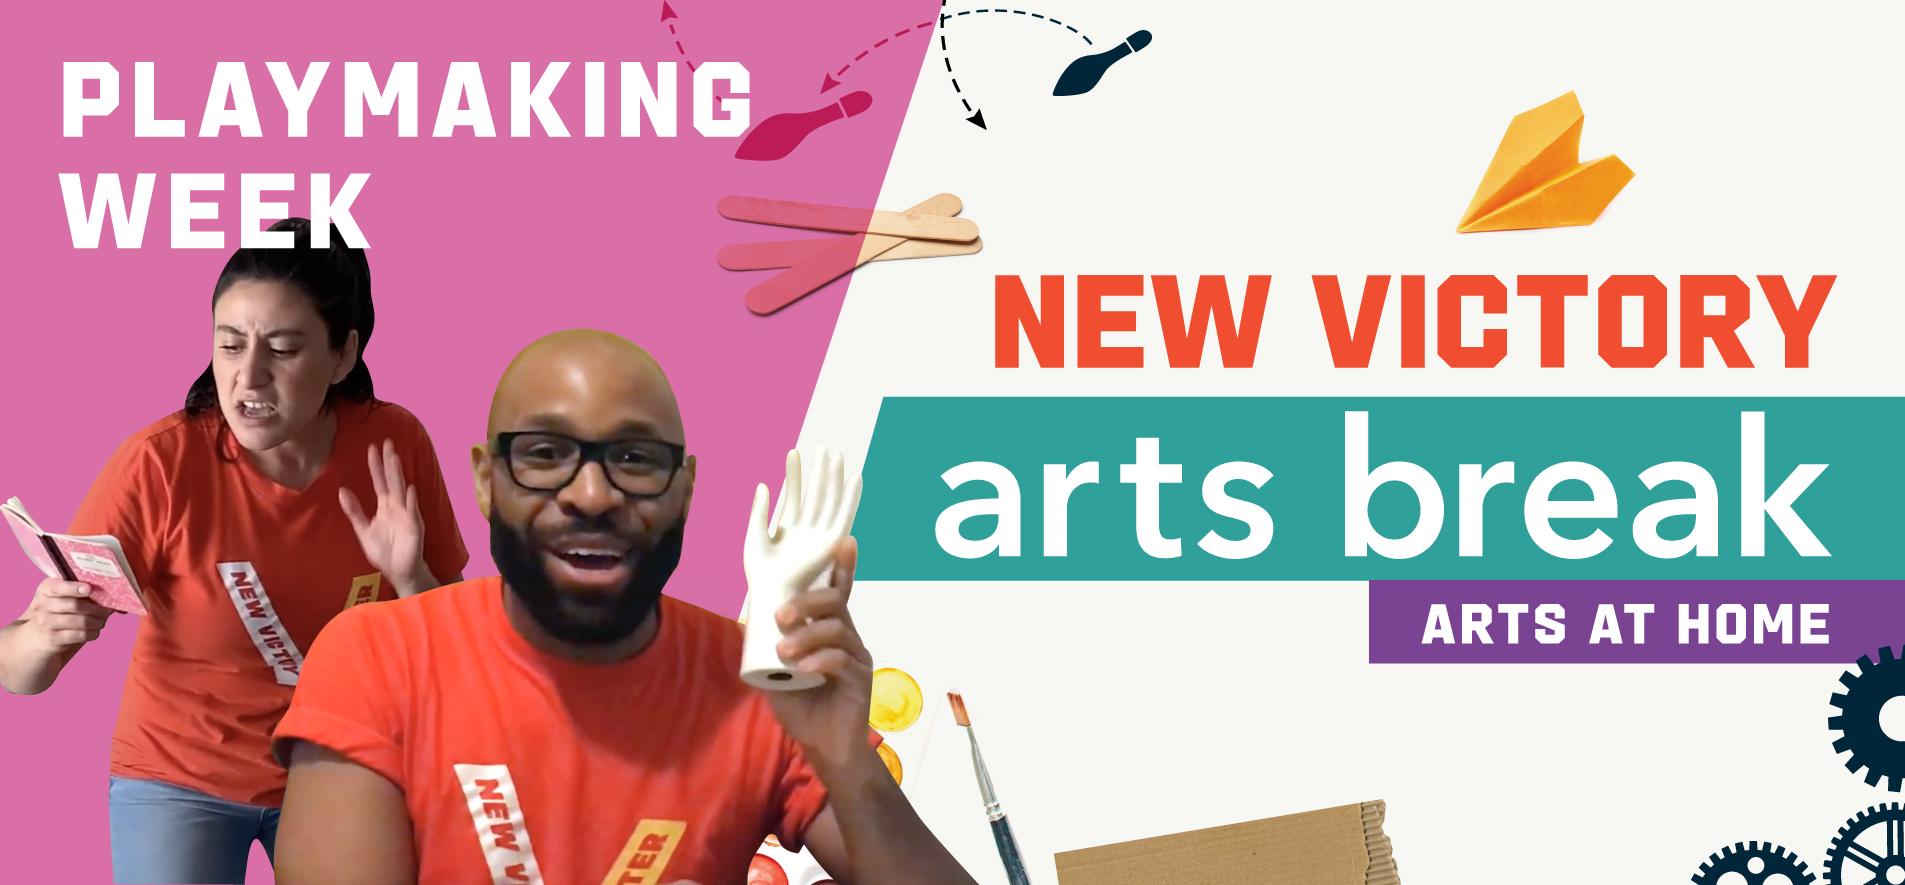 New Victory Arts Break – Playmaking Week